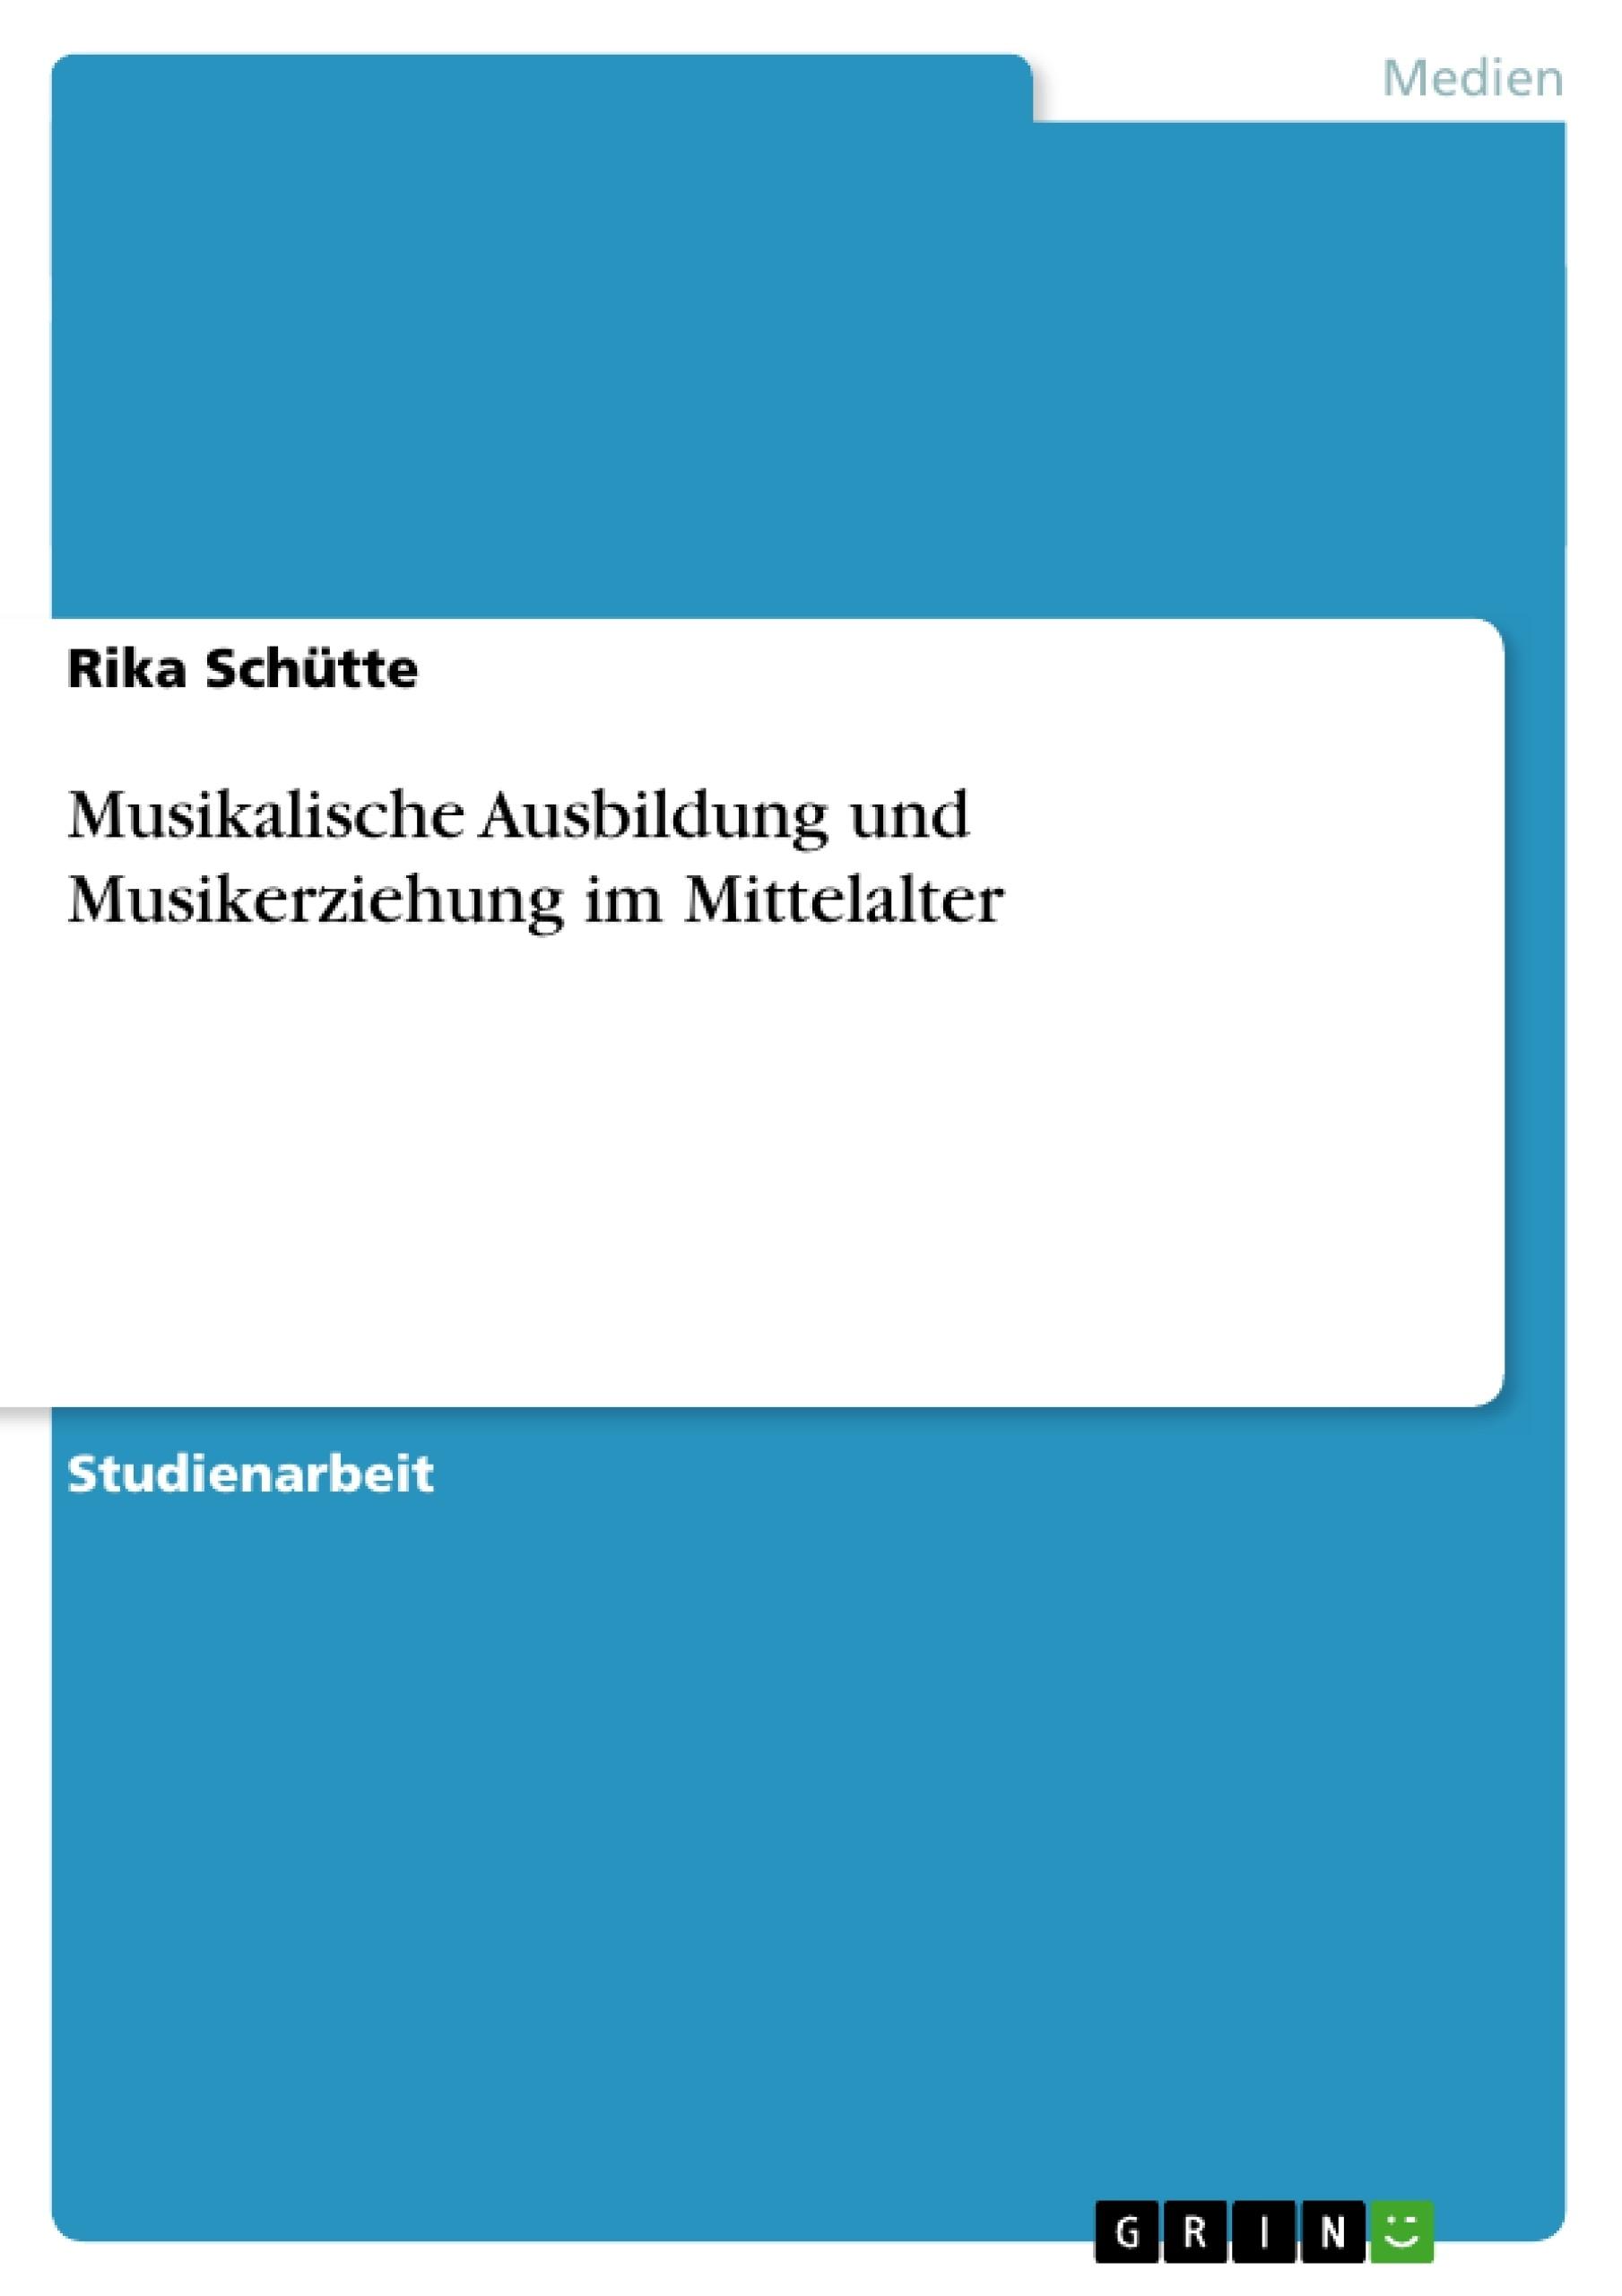 Titel: Musikalische Ausbildung und Musikerziehung im Mittelalter